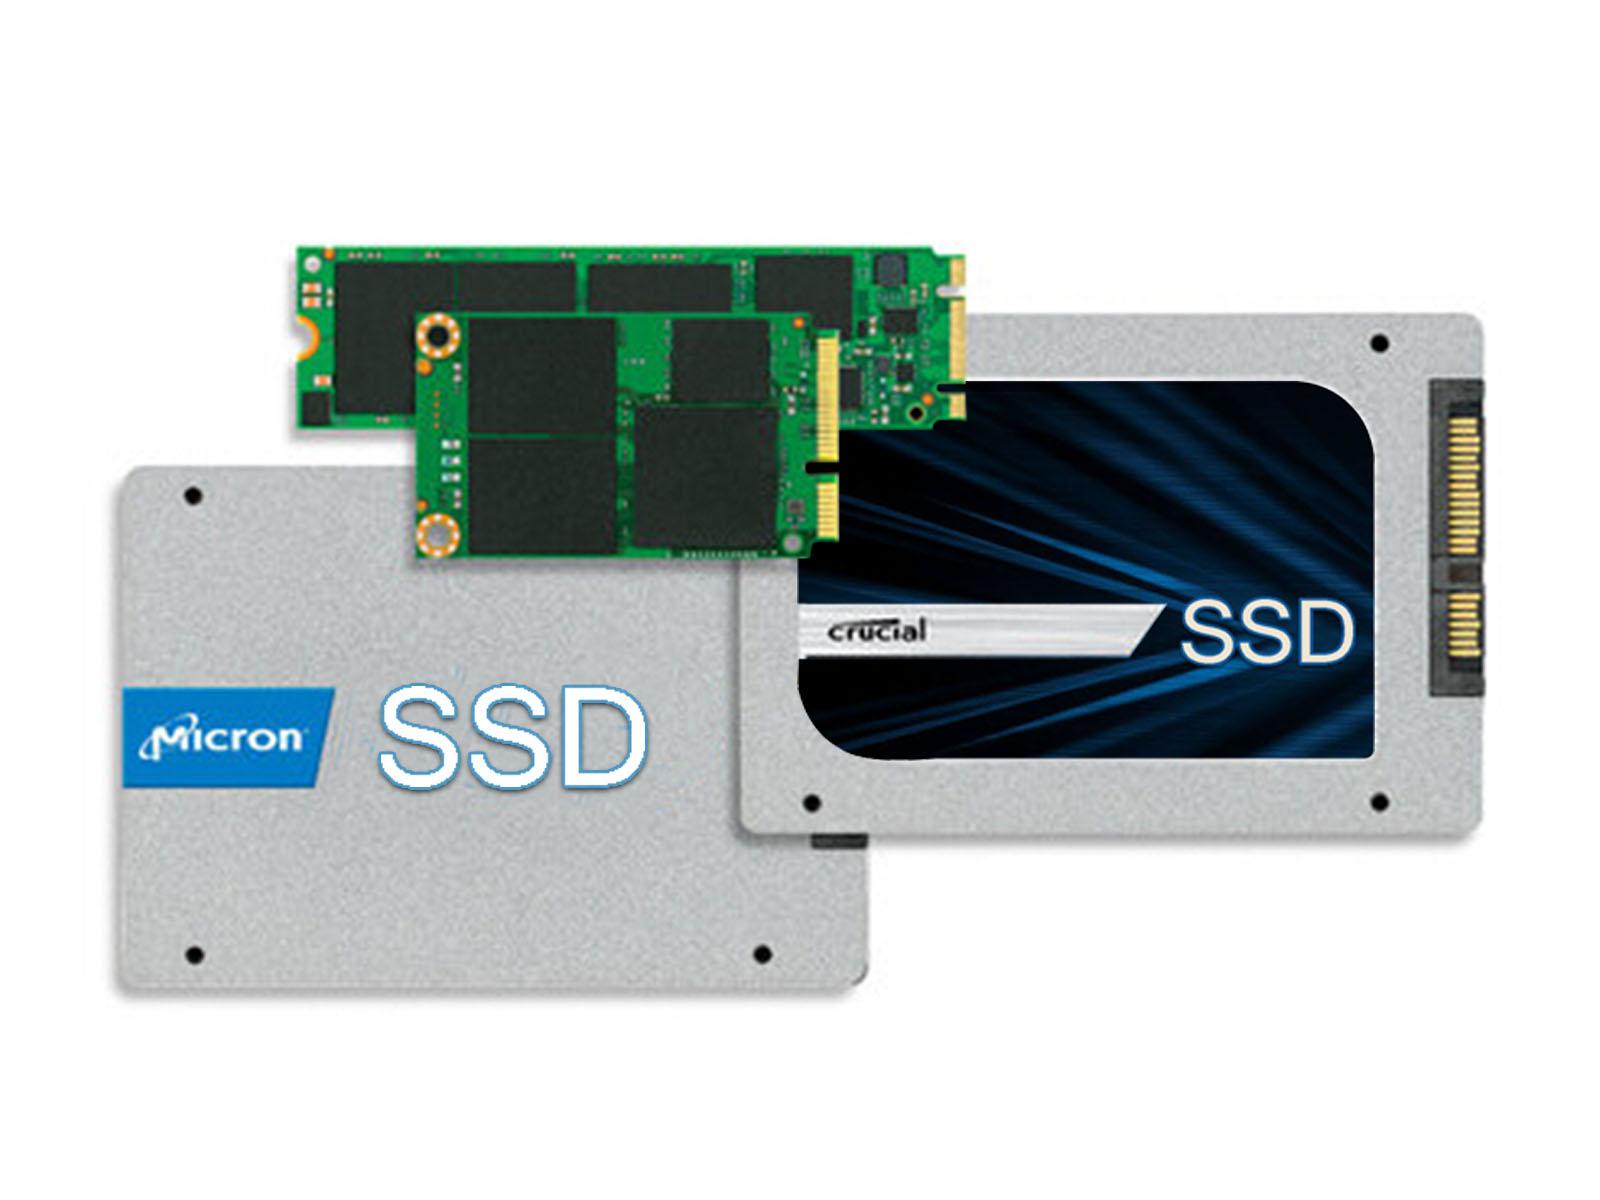 美光/ Crucial SSD